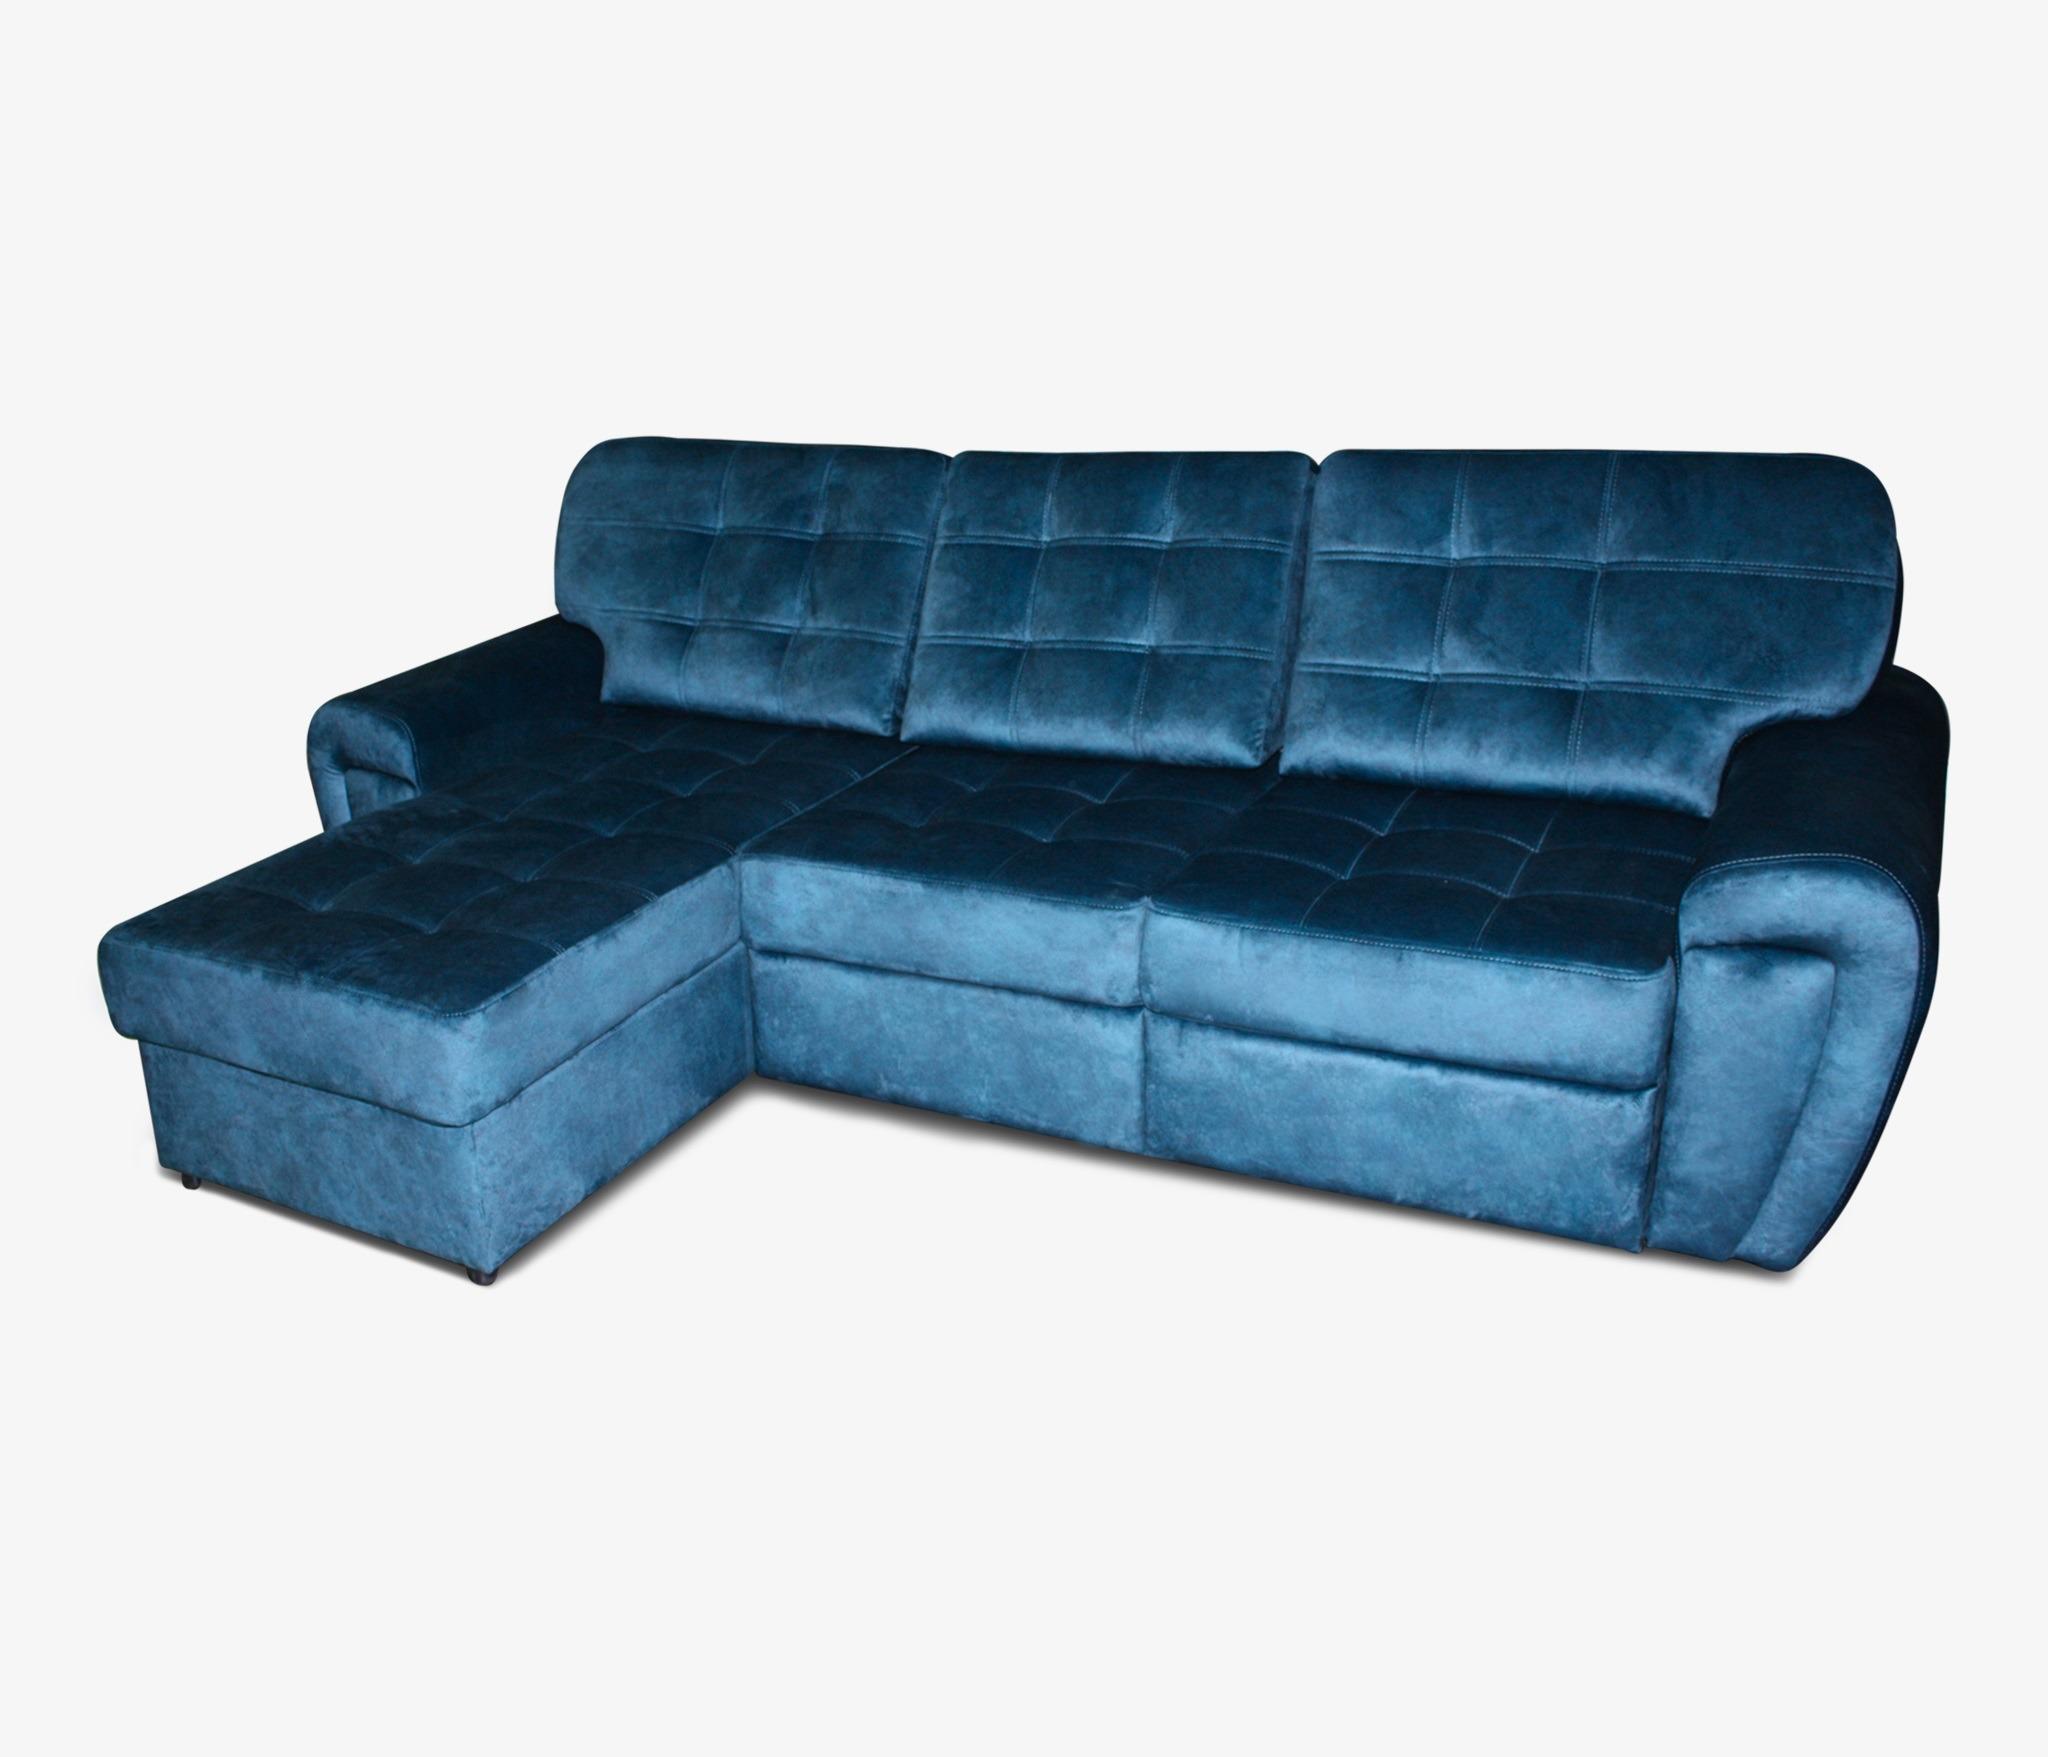 Прямой диван Хорс с оттоманкой слева Столплит R0000254393